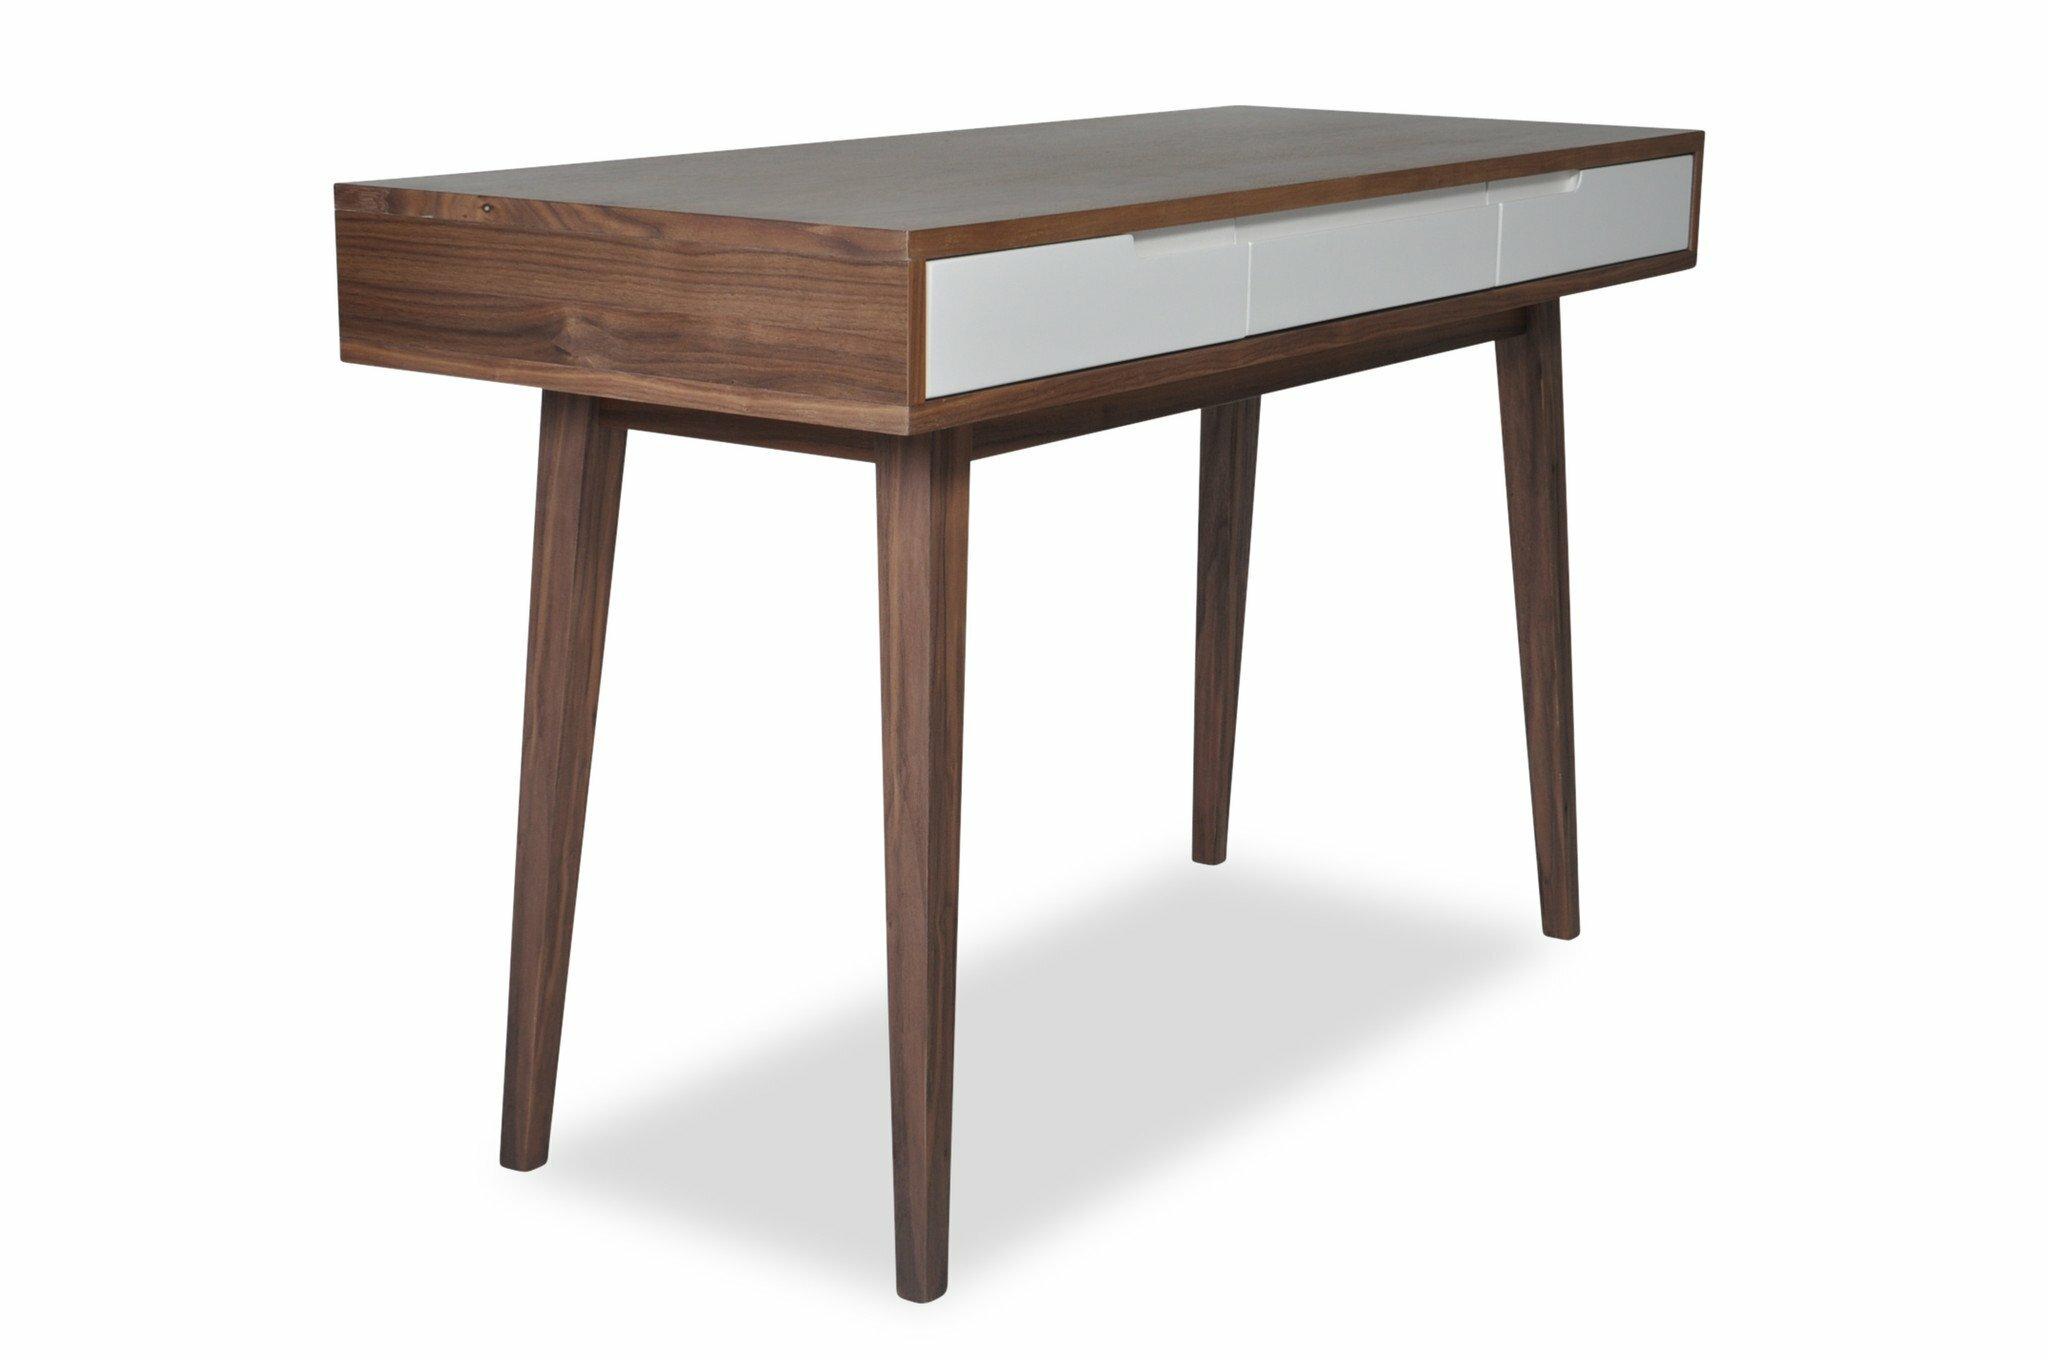 Corrigan studio jeffry mid century modern rectangular desk wayfair